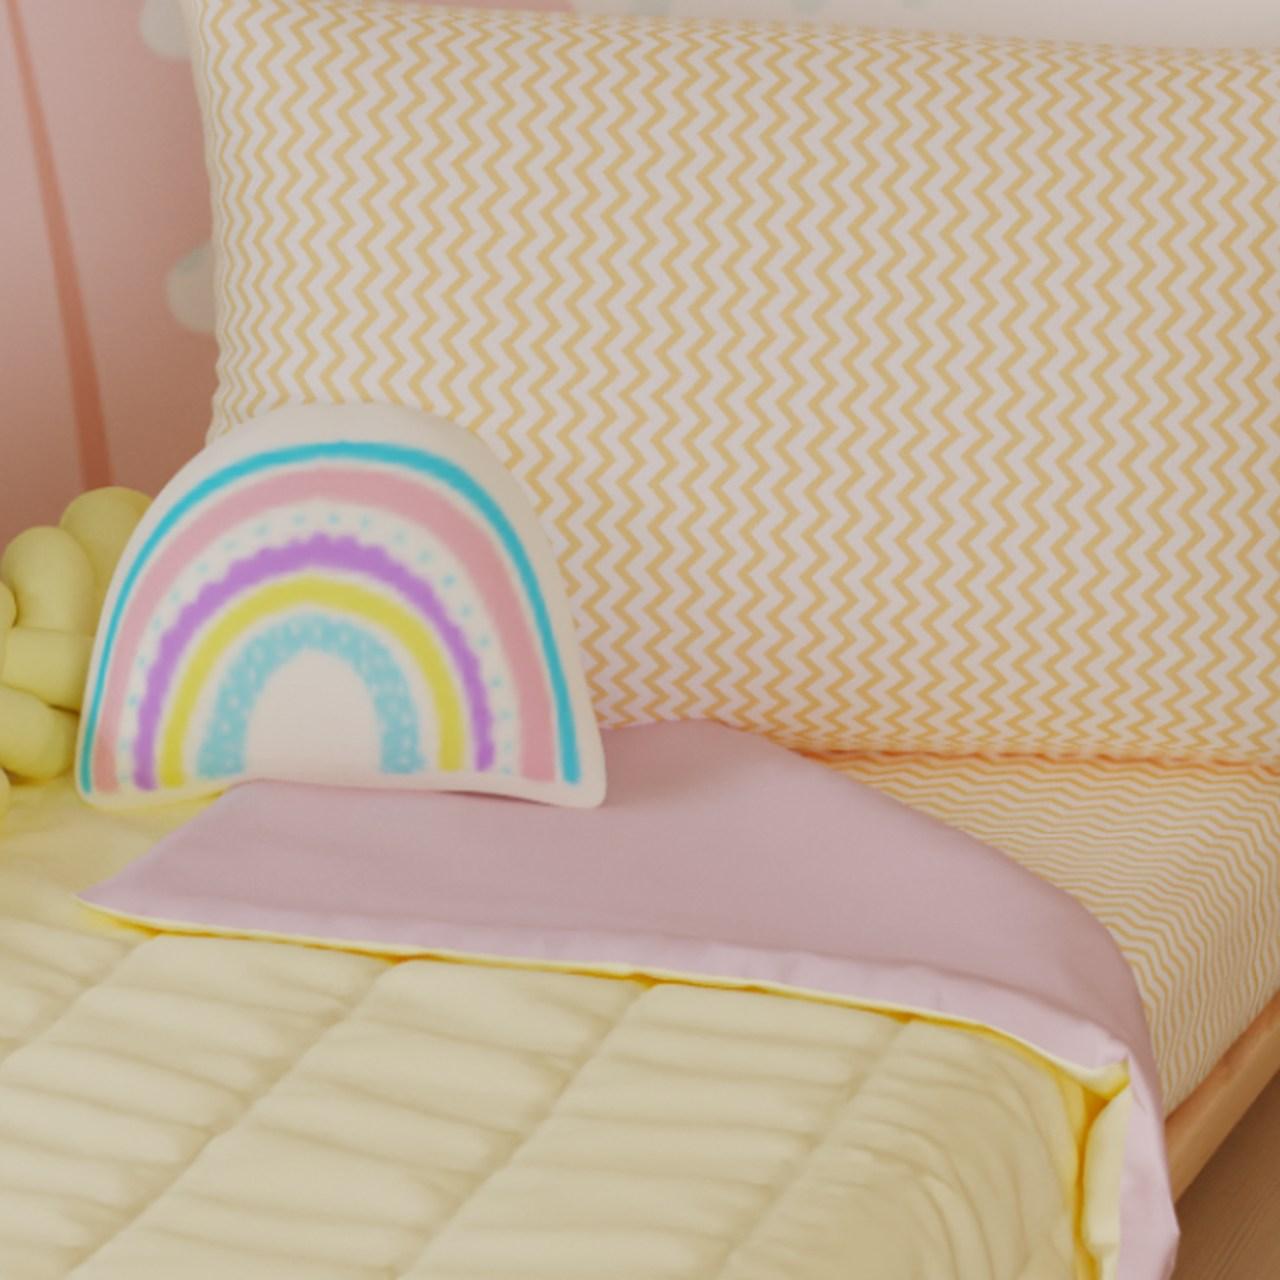 Edredom mini cama dupla face 100% algodão rosa com amarelo